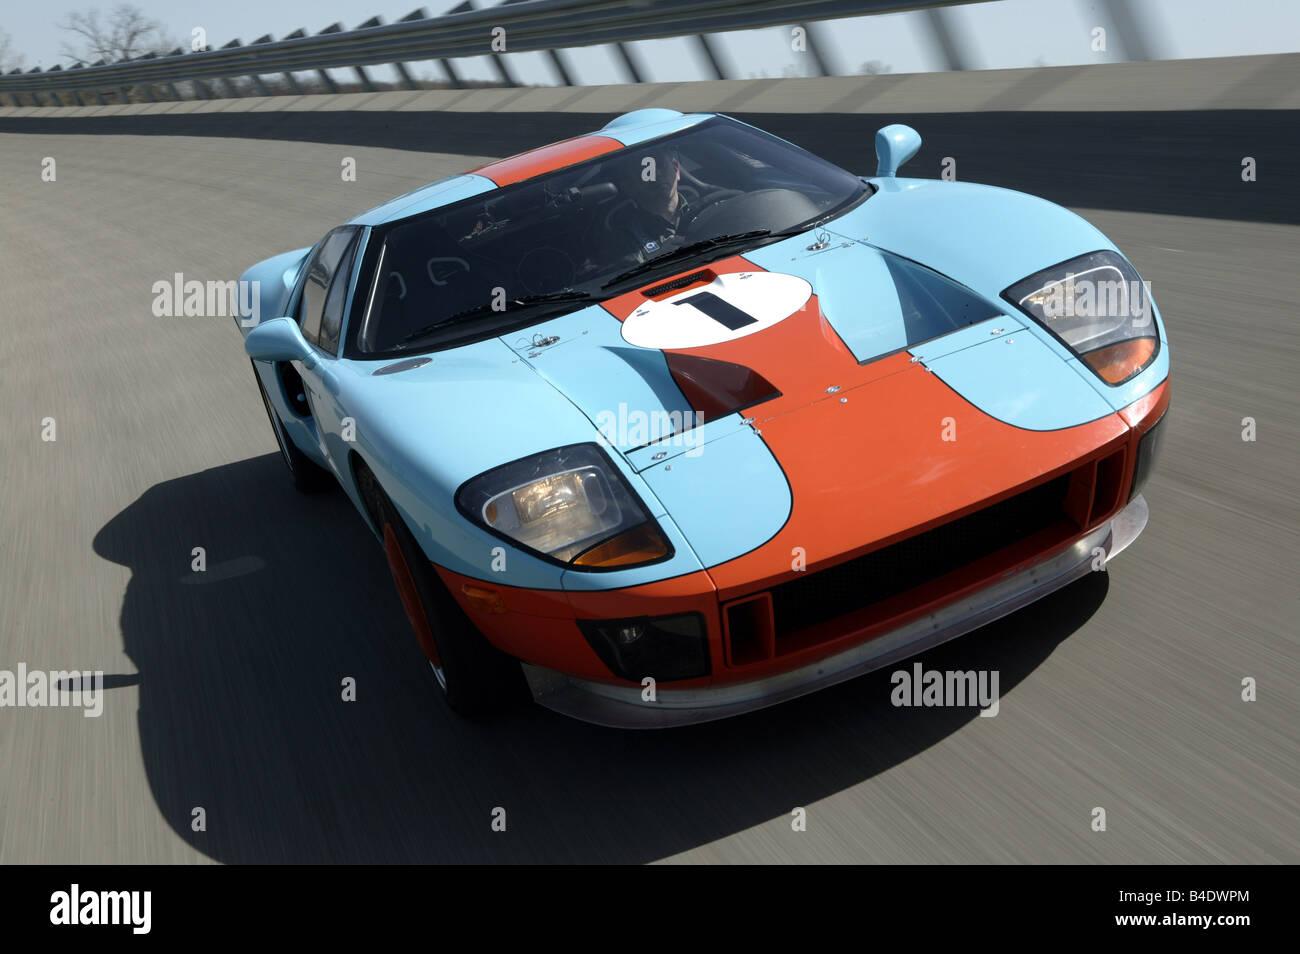 Car Ford Gt  Predotype Model Year  Blue Orange